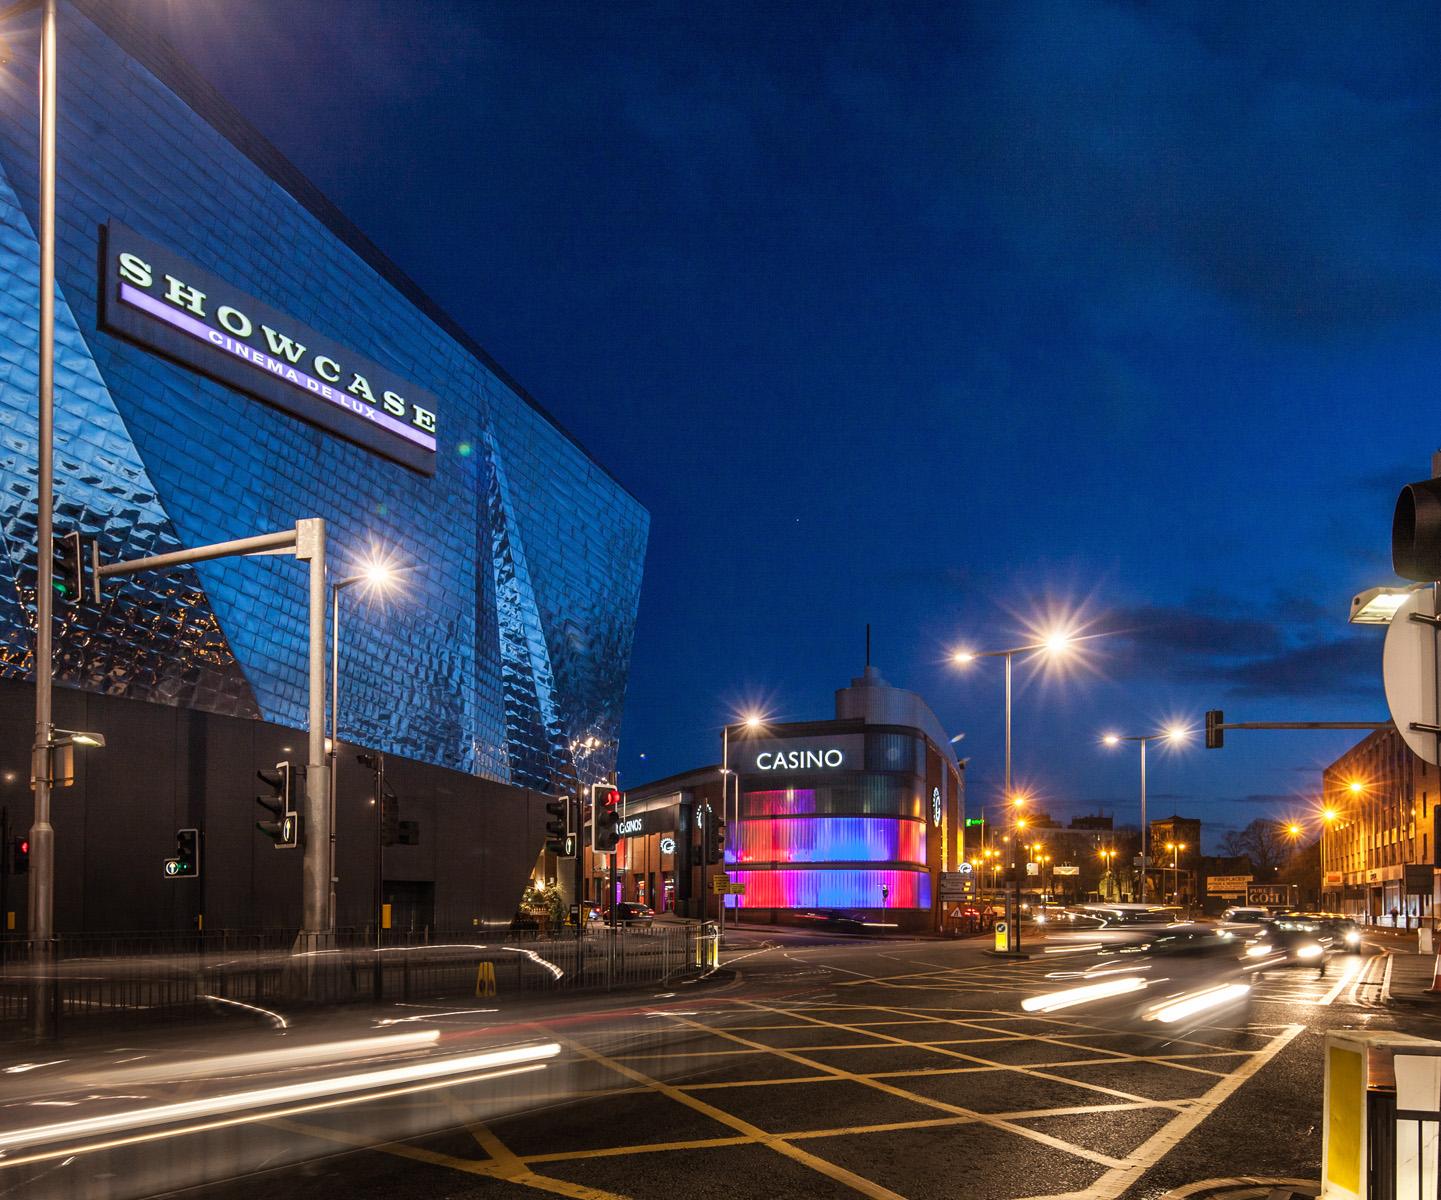 Showcase cinema, Leicester